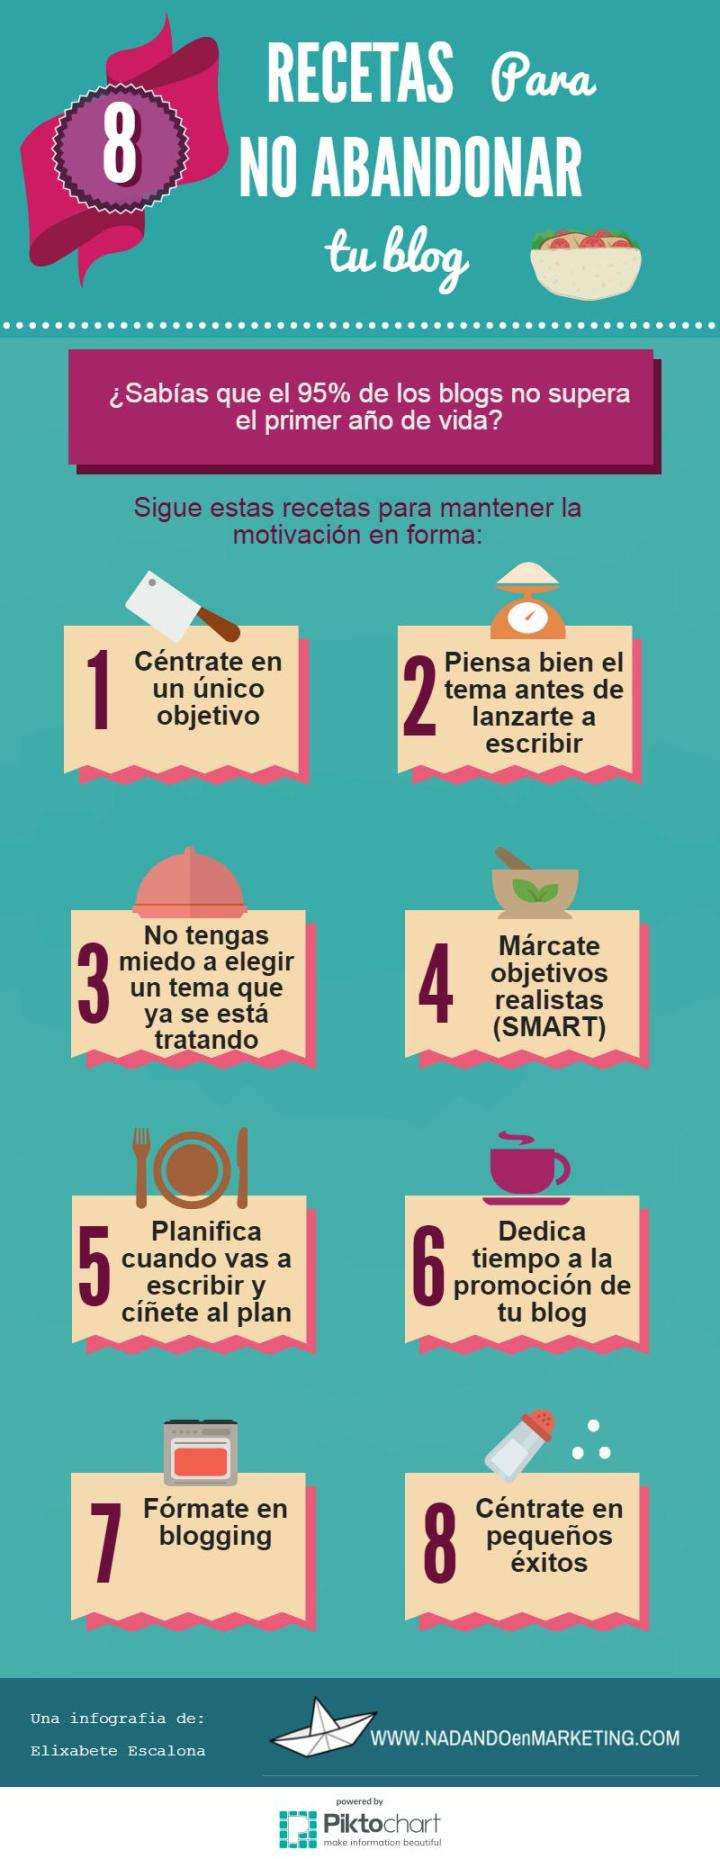 infografia-8-recetas-no-abandonar-el-blog